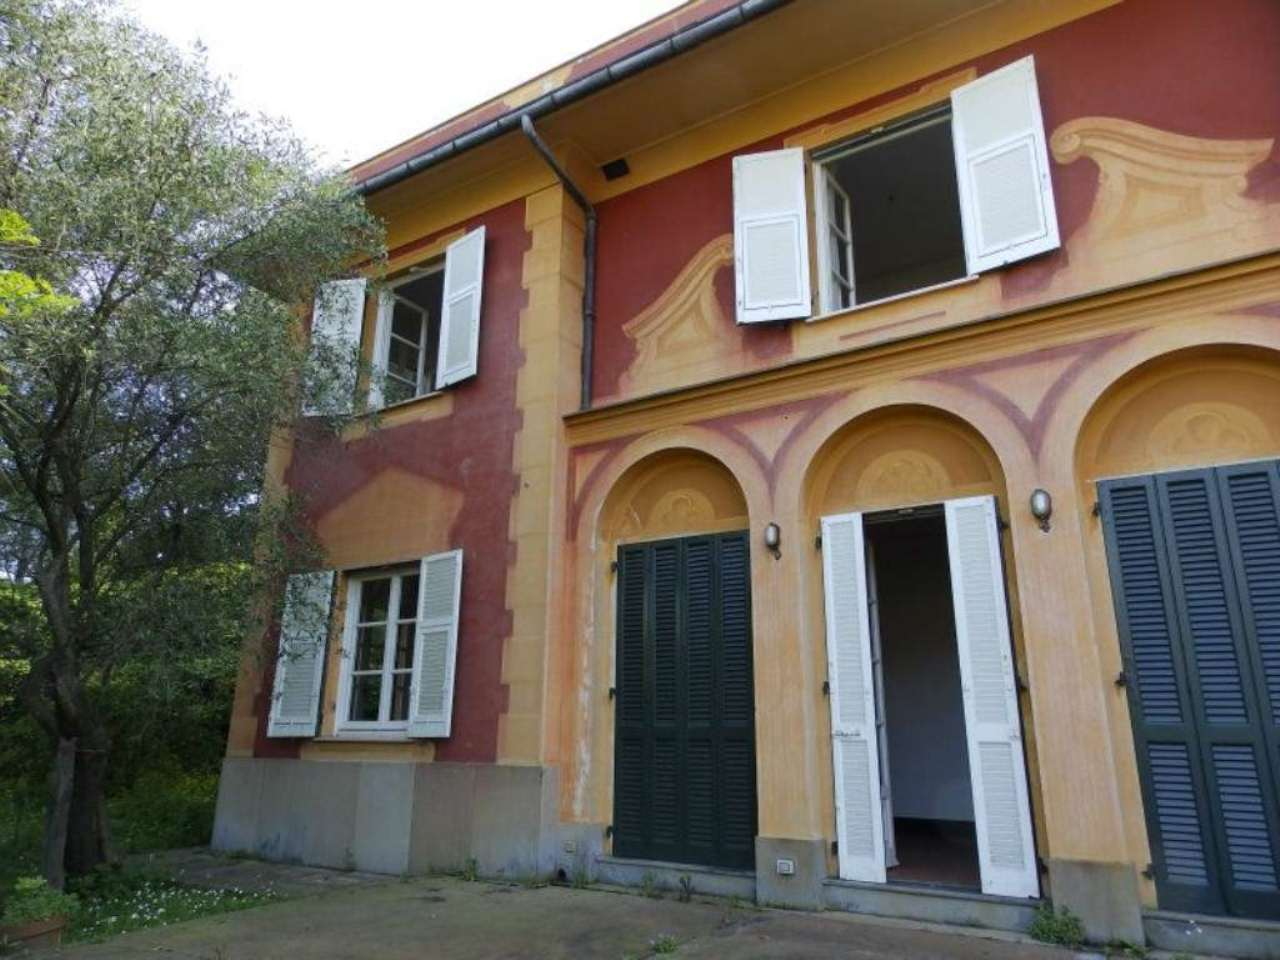 Villa in vendita a Santa Margherita Ligure, 9999 locali, prezzo € 2.100.000 | Cambio Casa.it